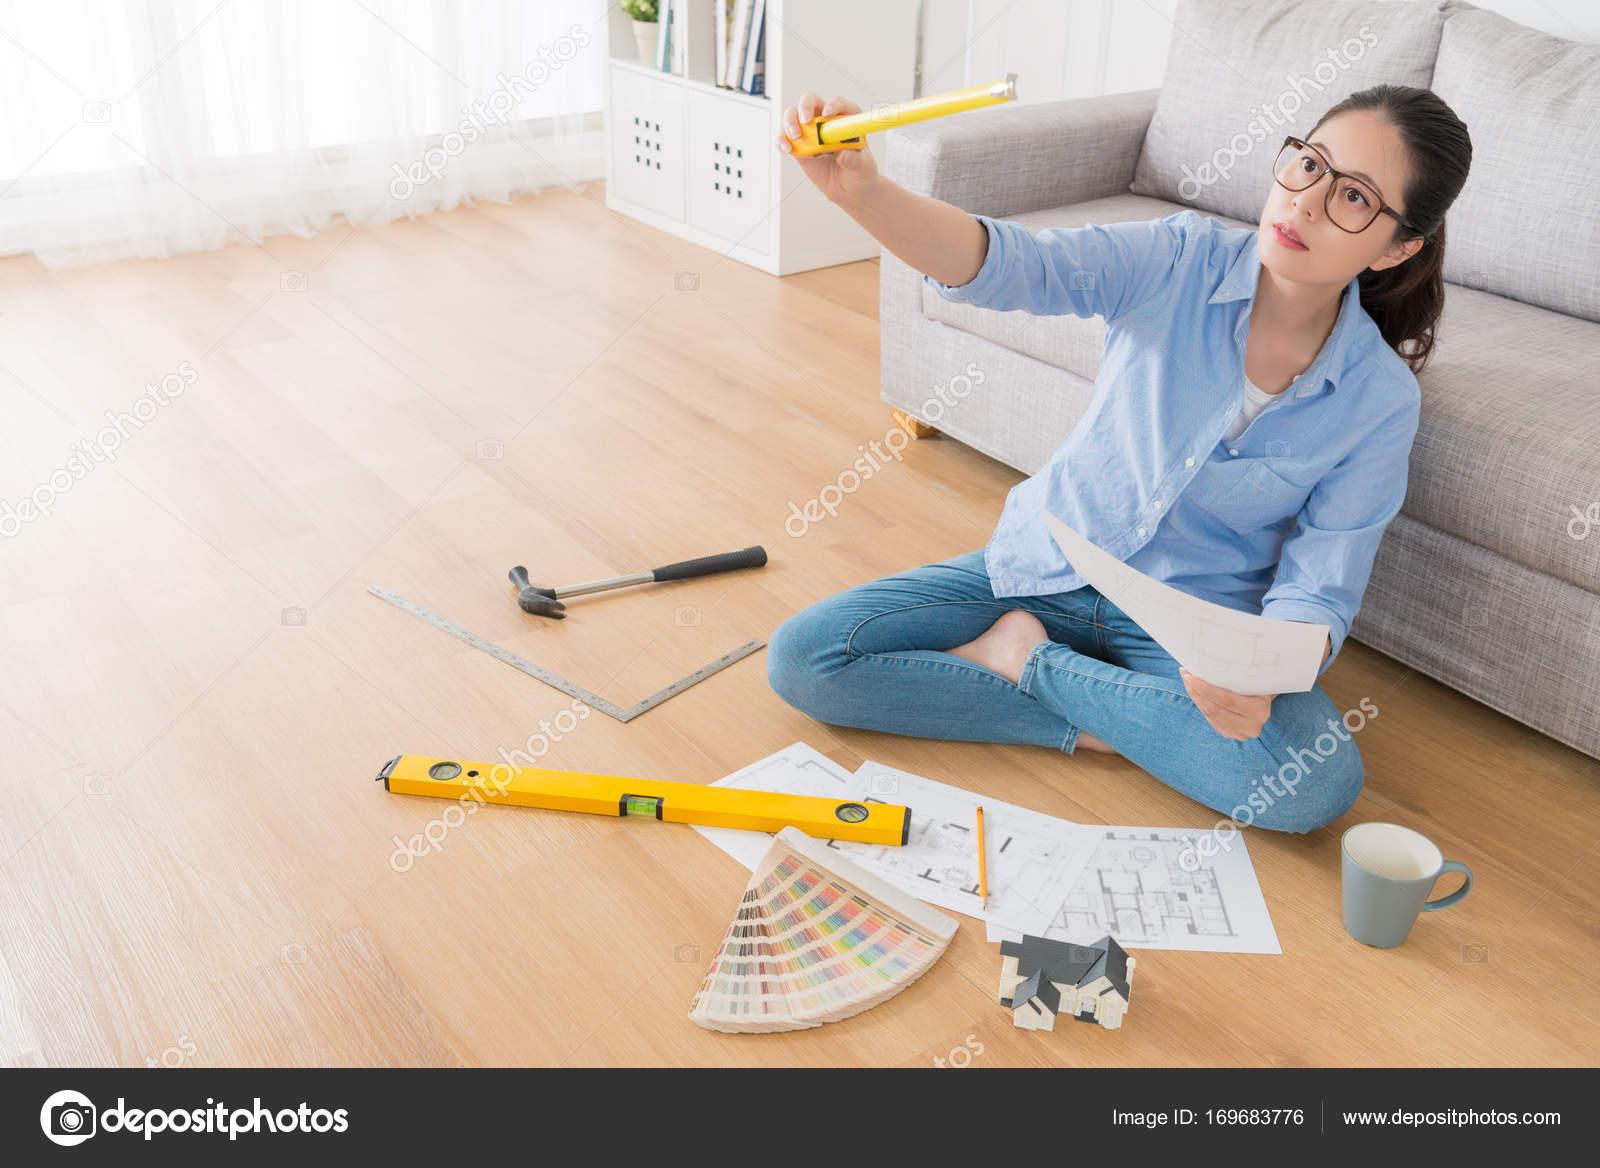 Hausfrau Sitzen Im Wohnzimmer Holzboden U2014 Stockfoto